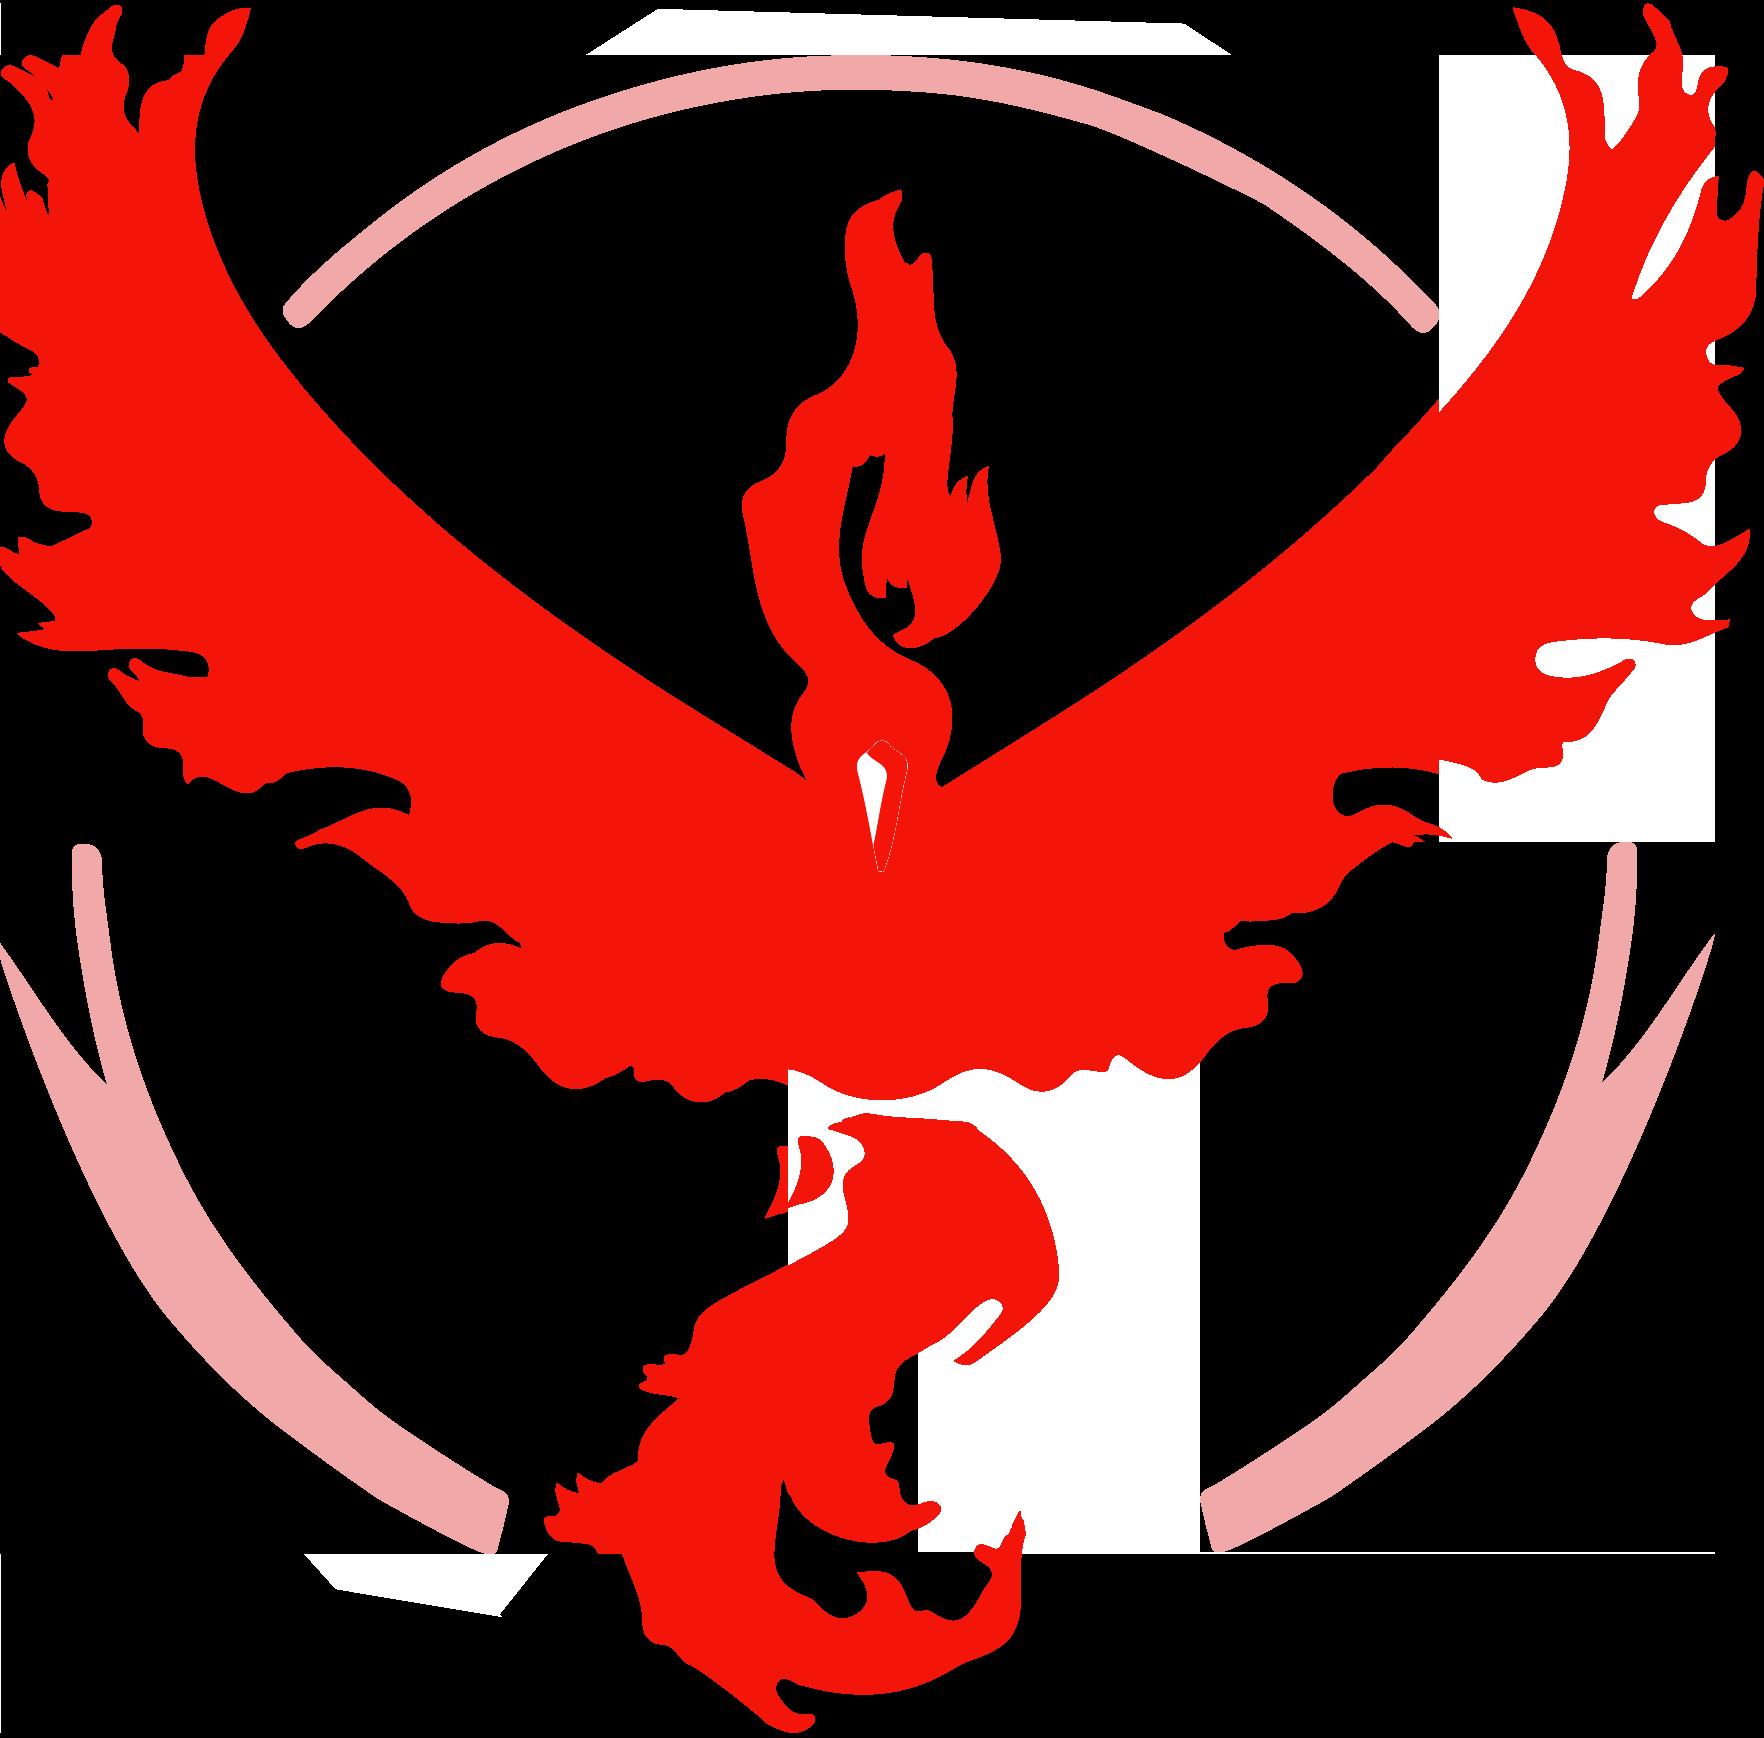 Biểu tượng của team Valor.